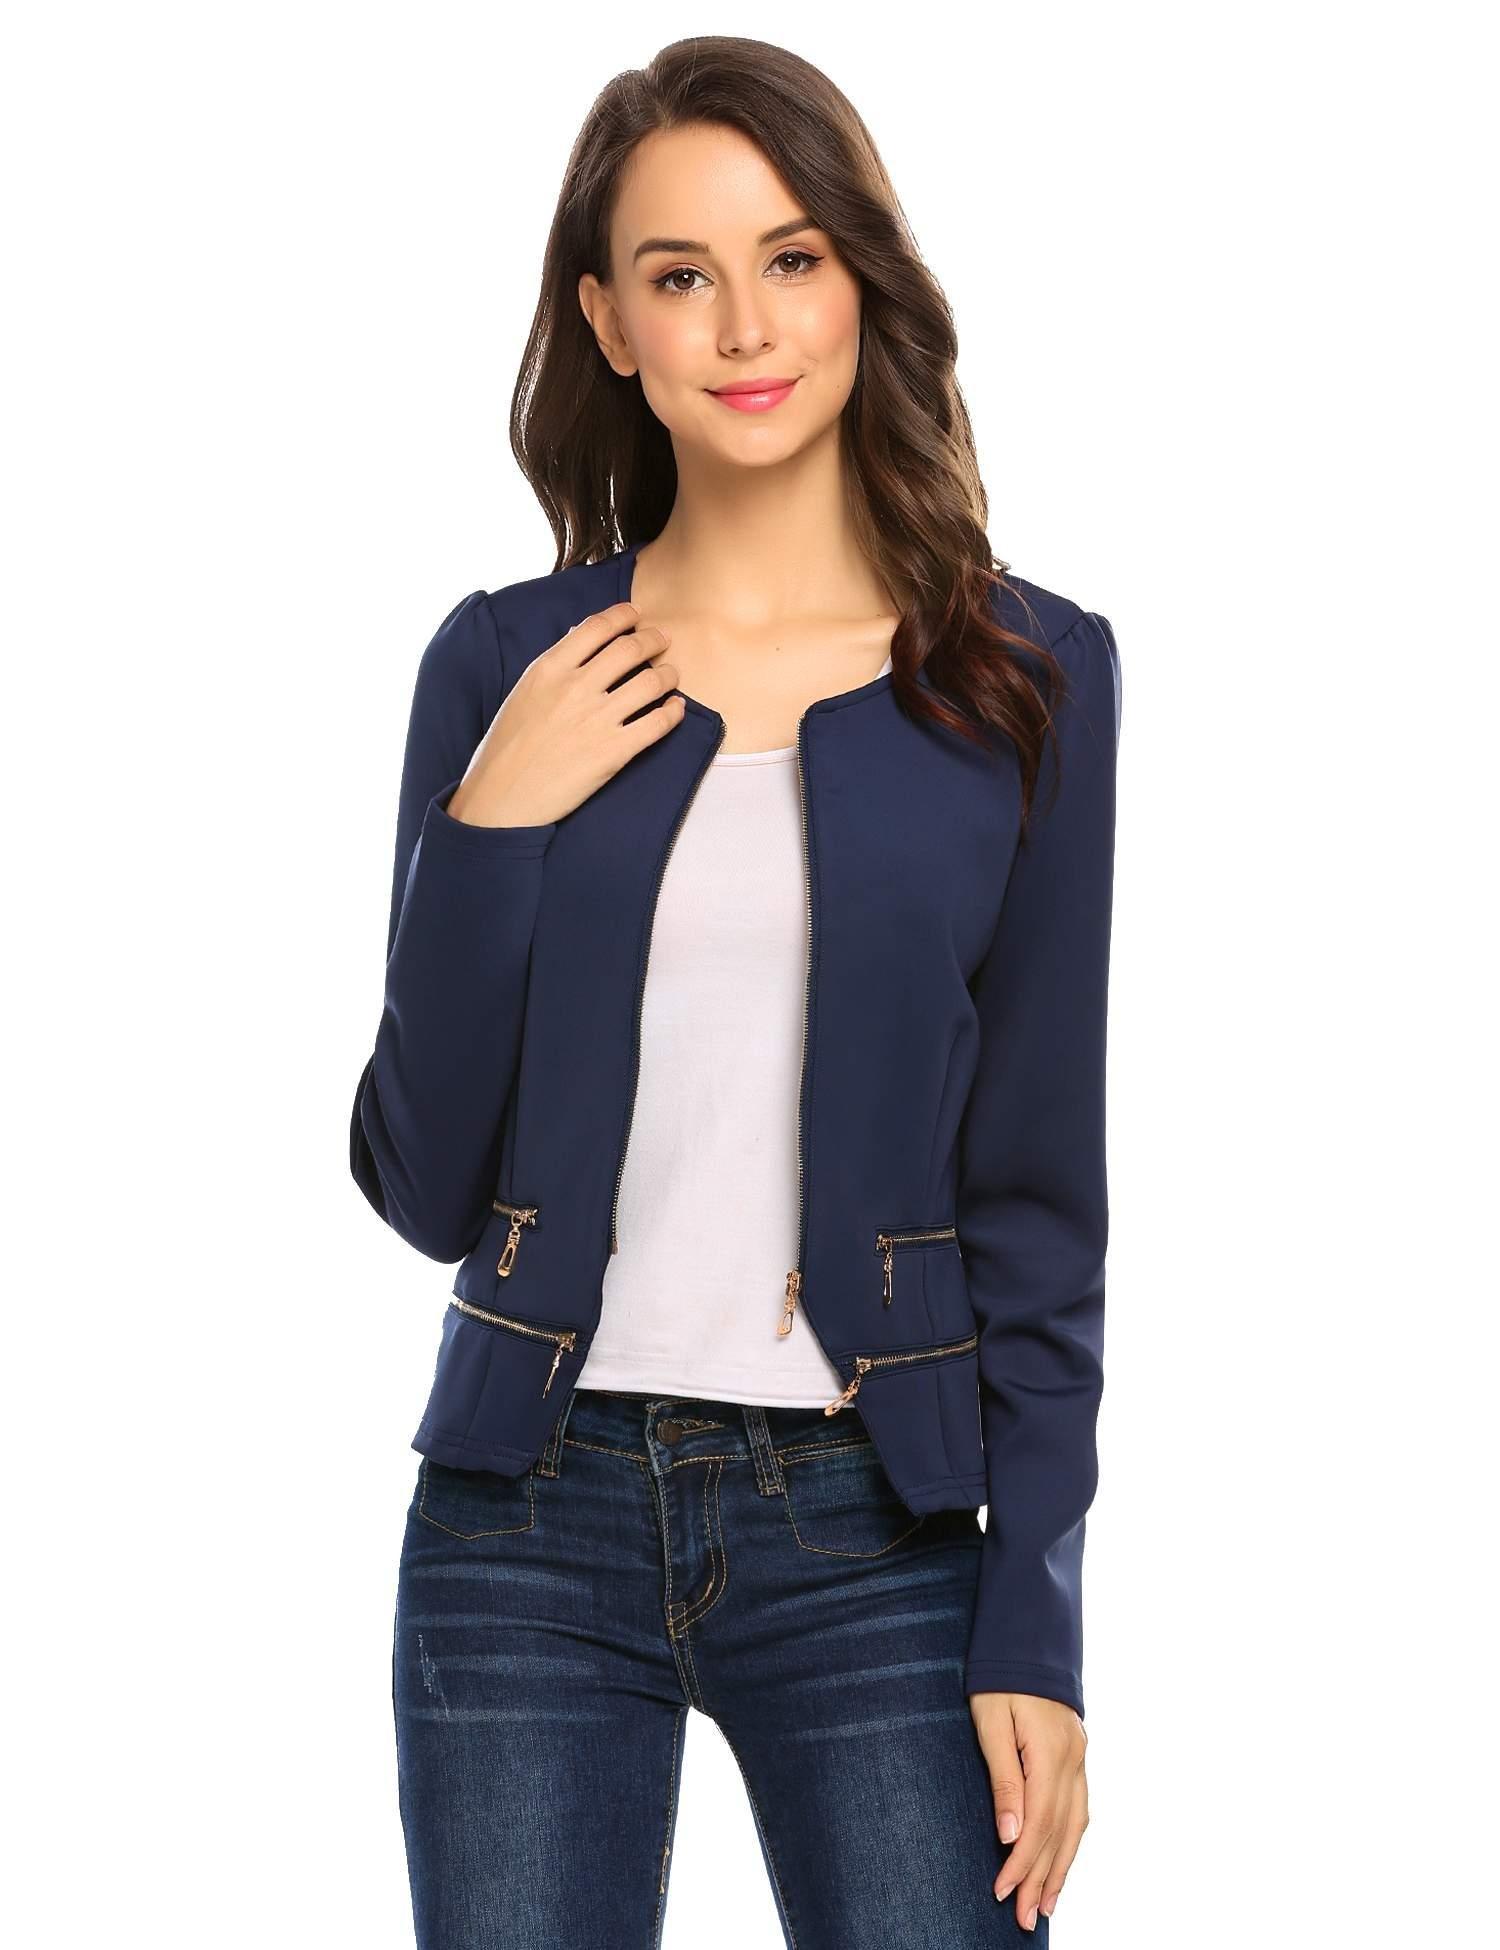 Zeagoo Women's Casual Zipper Cardigan Blazer O Neck Slim Fitted Office Jacket (L, Navy Blue) by Zeagoo (Image #1)